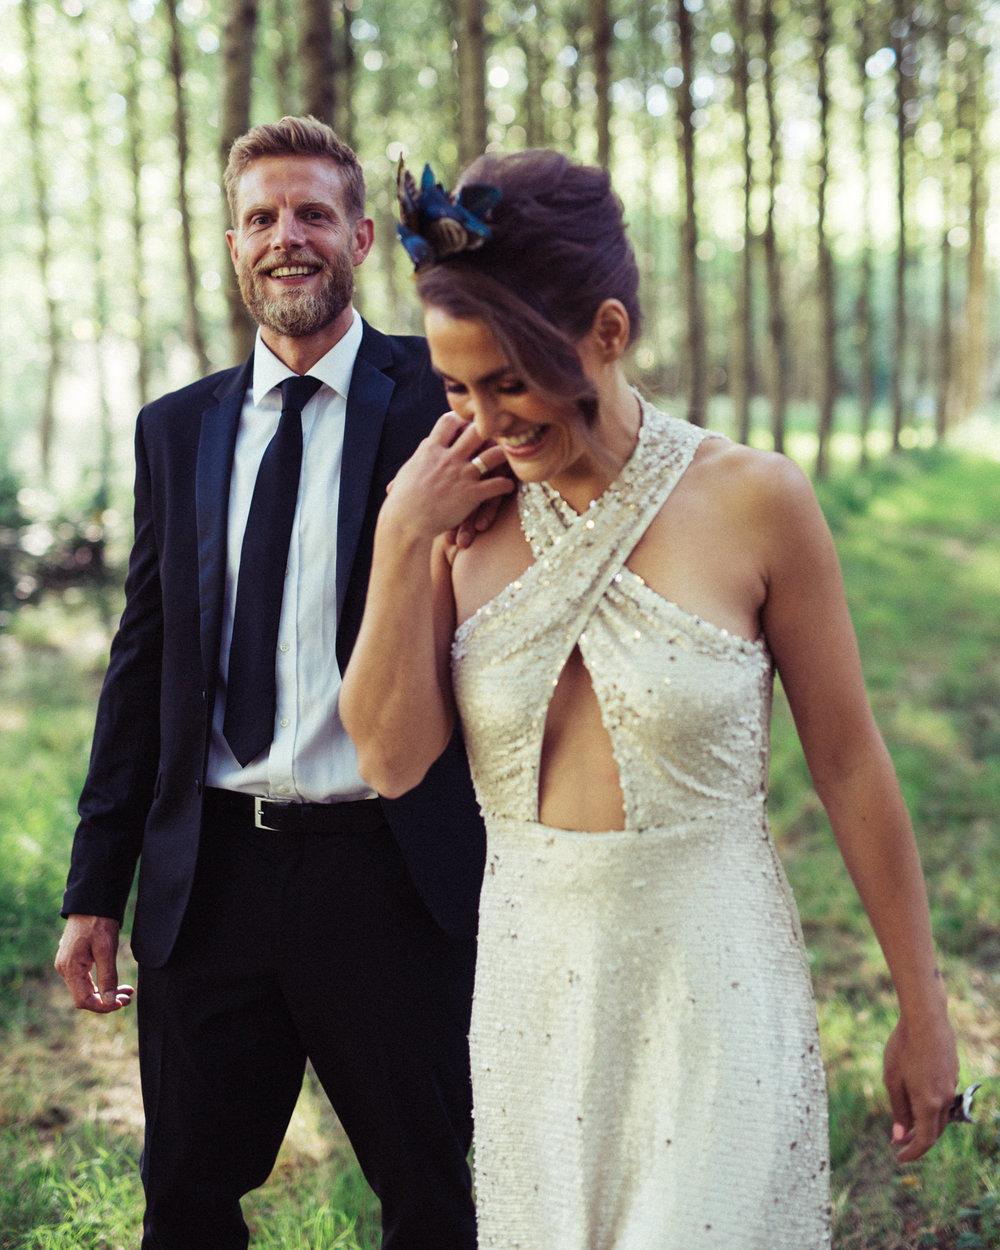 Weddings_In_The_Wyldes_Adj_Brown_couple.jpg